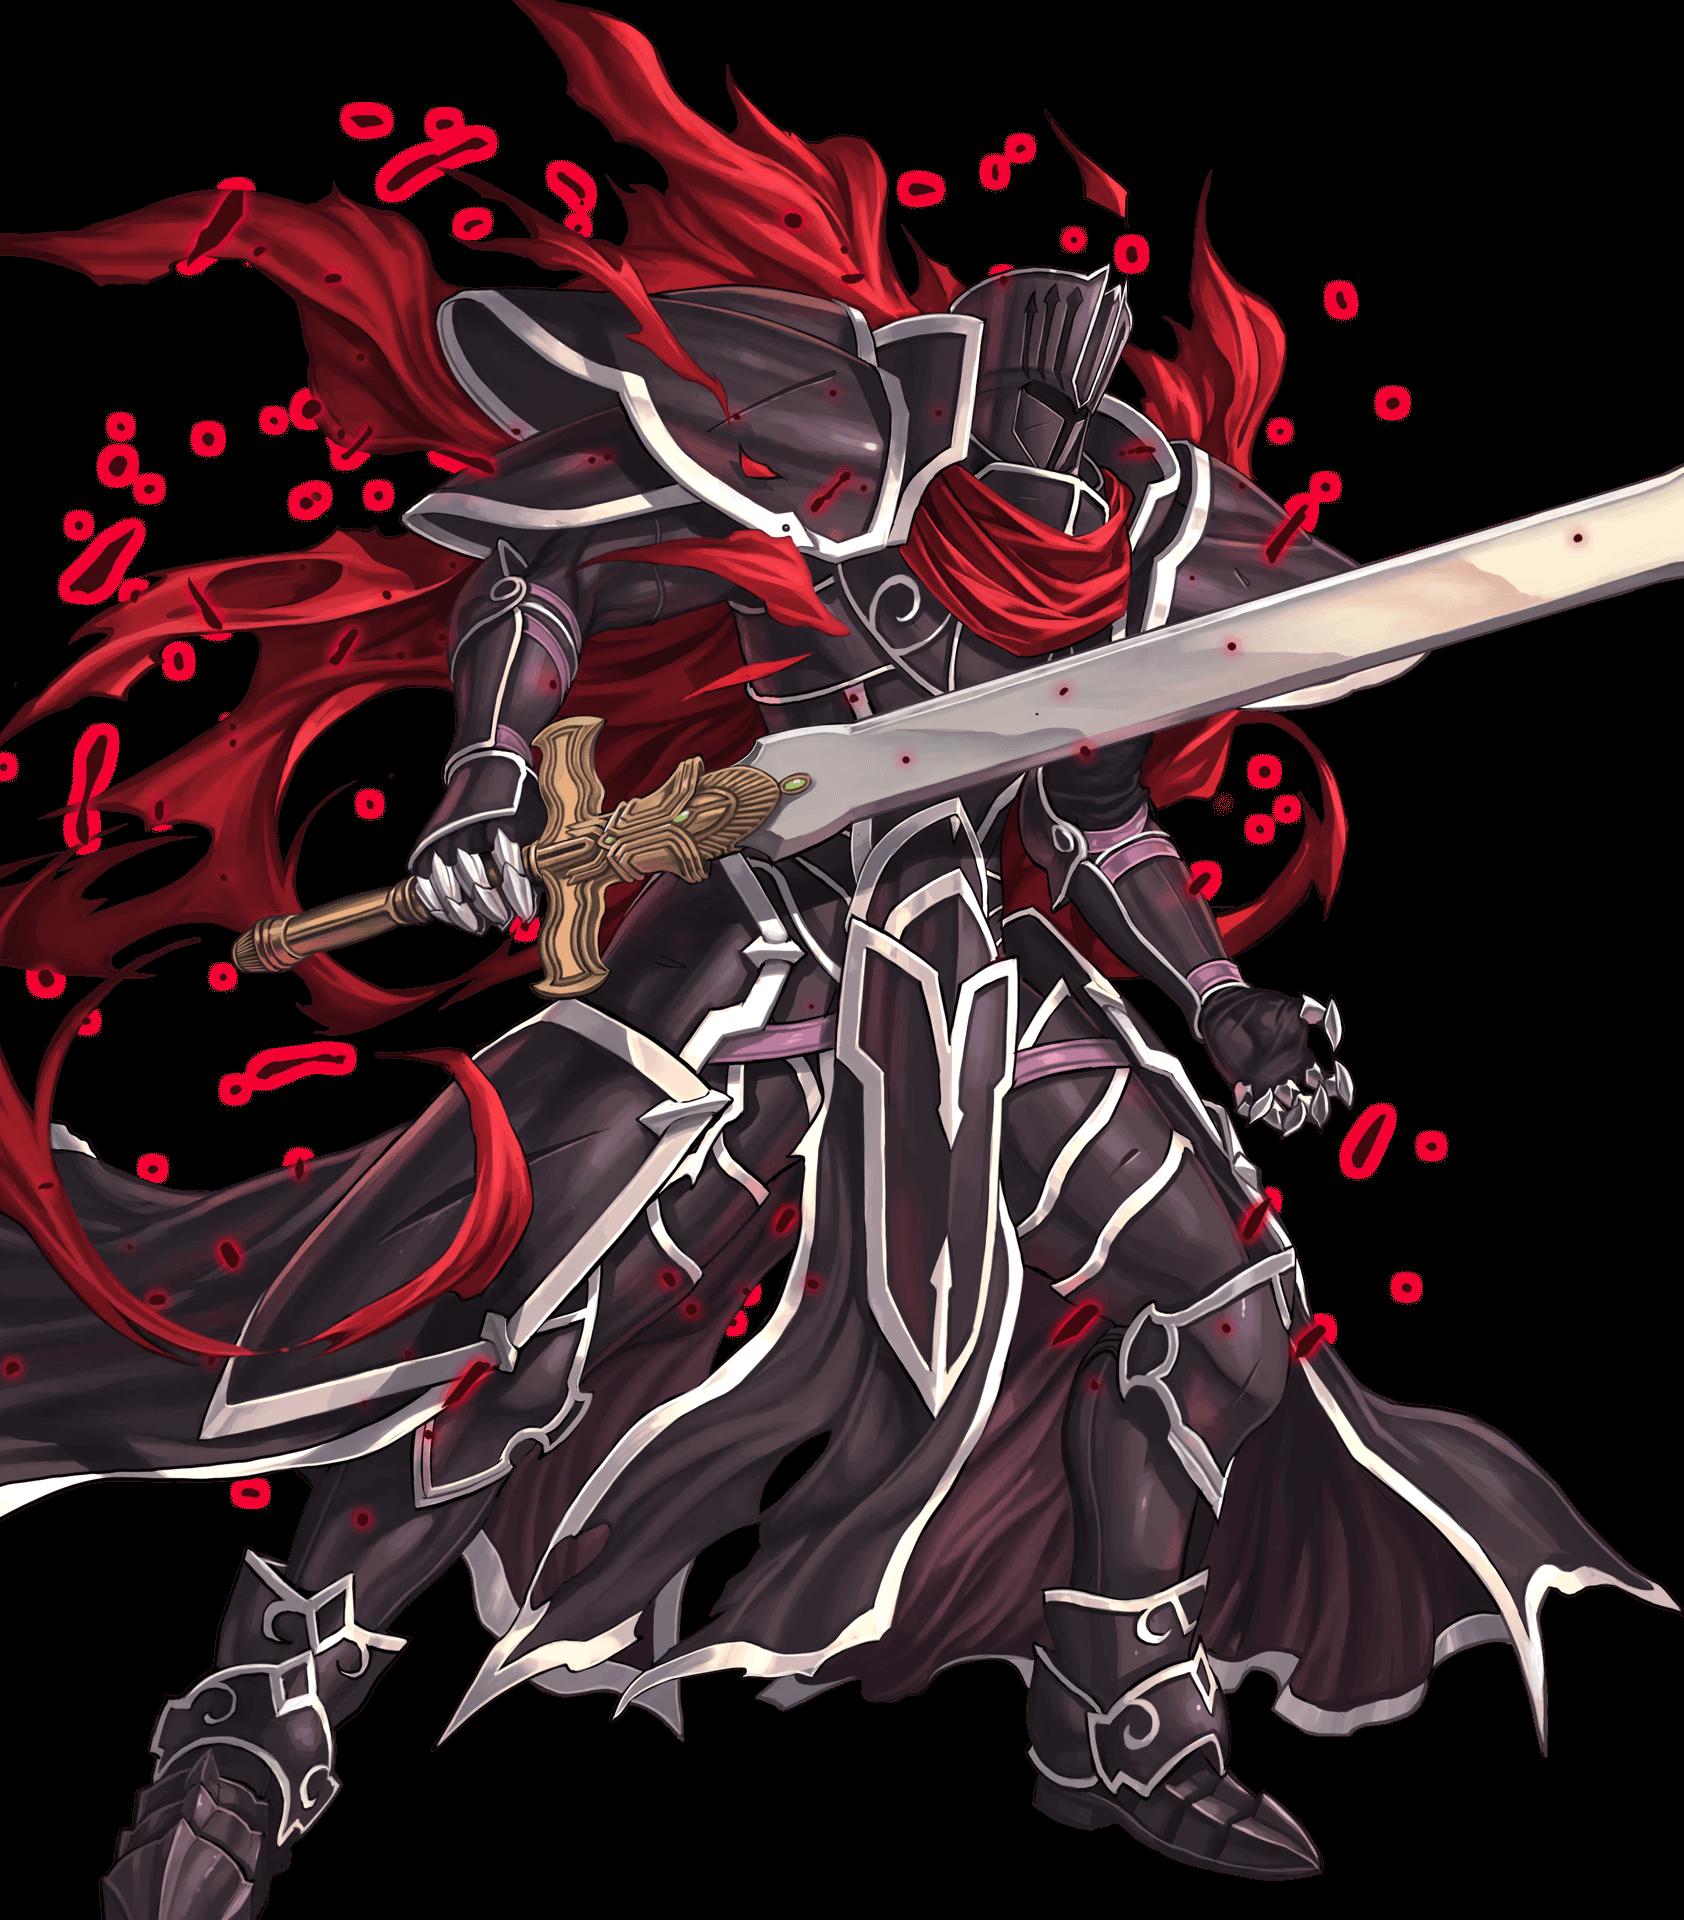 Resultado De Imagen Para Black Knight Fire Emblem Knight Armor